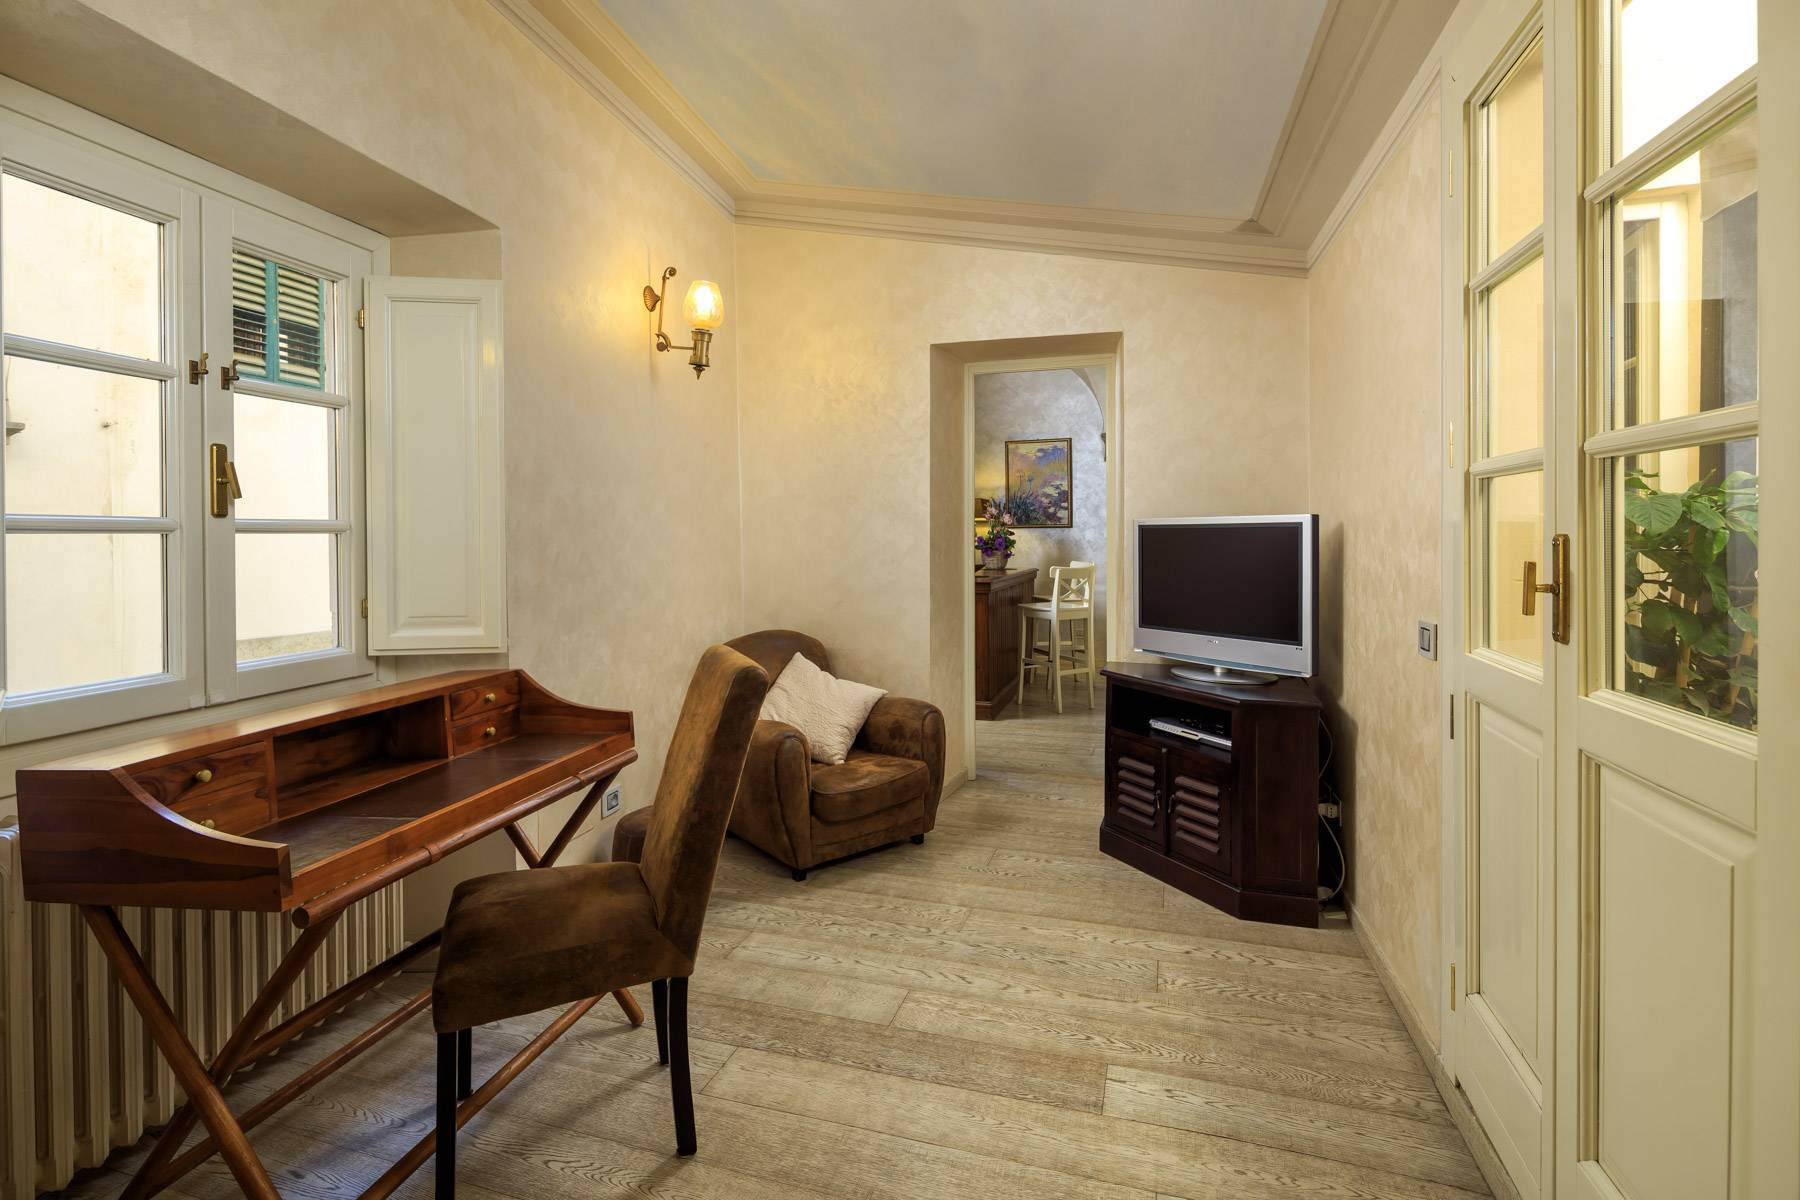 Appartamento in Vendita a Firenze: 5 locali, 140 mq - Foto 4